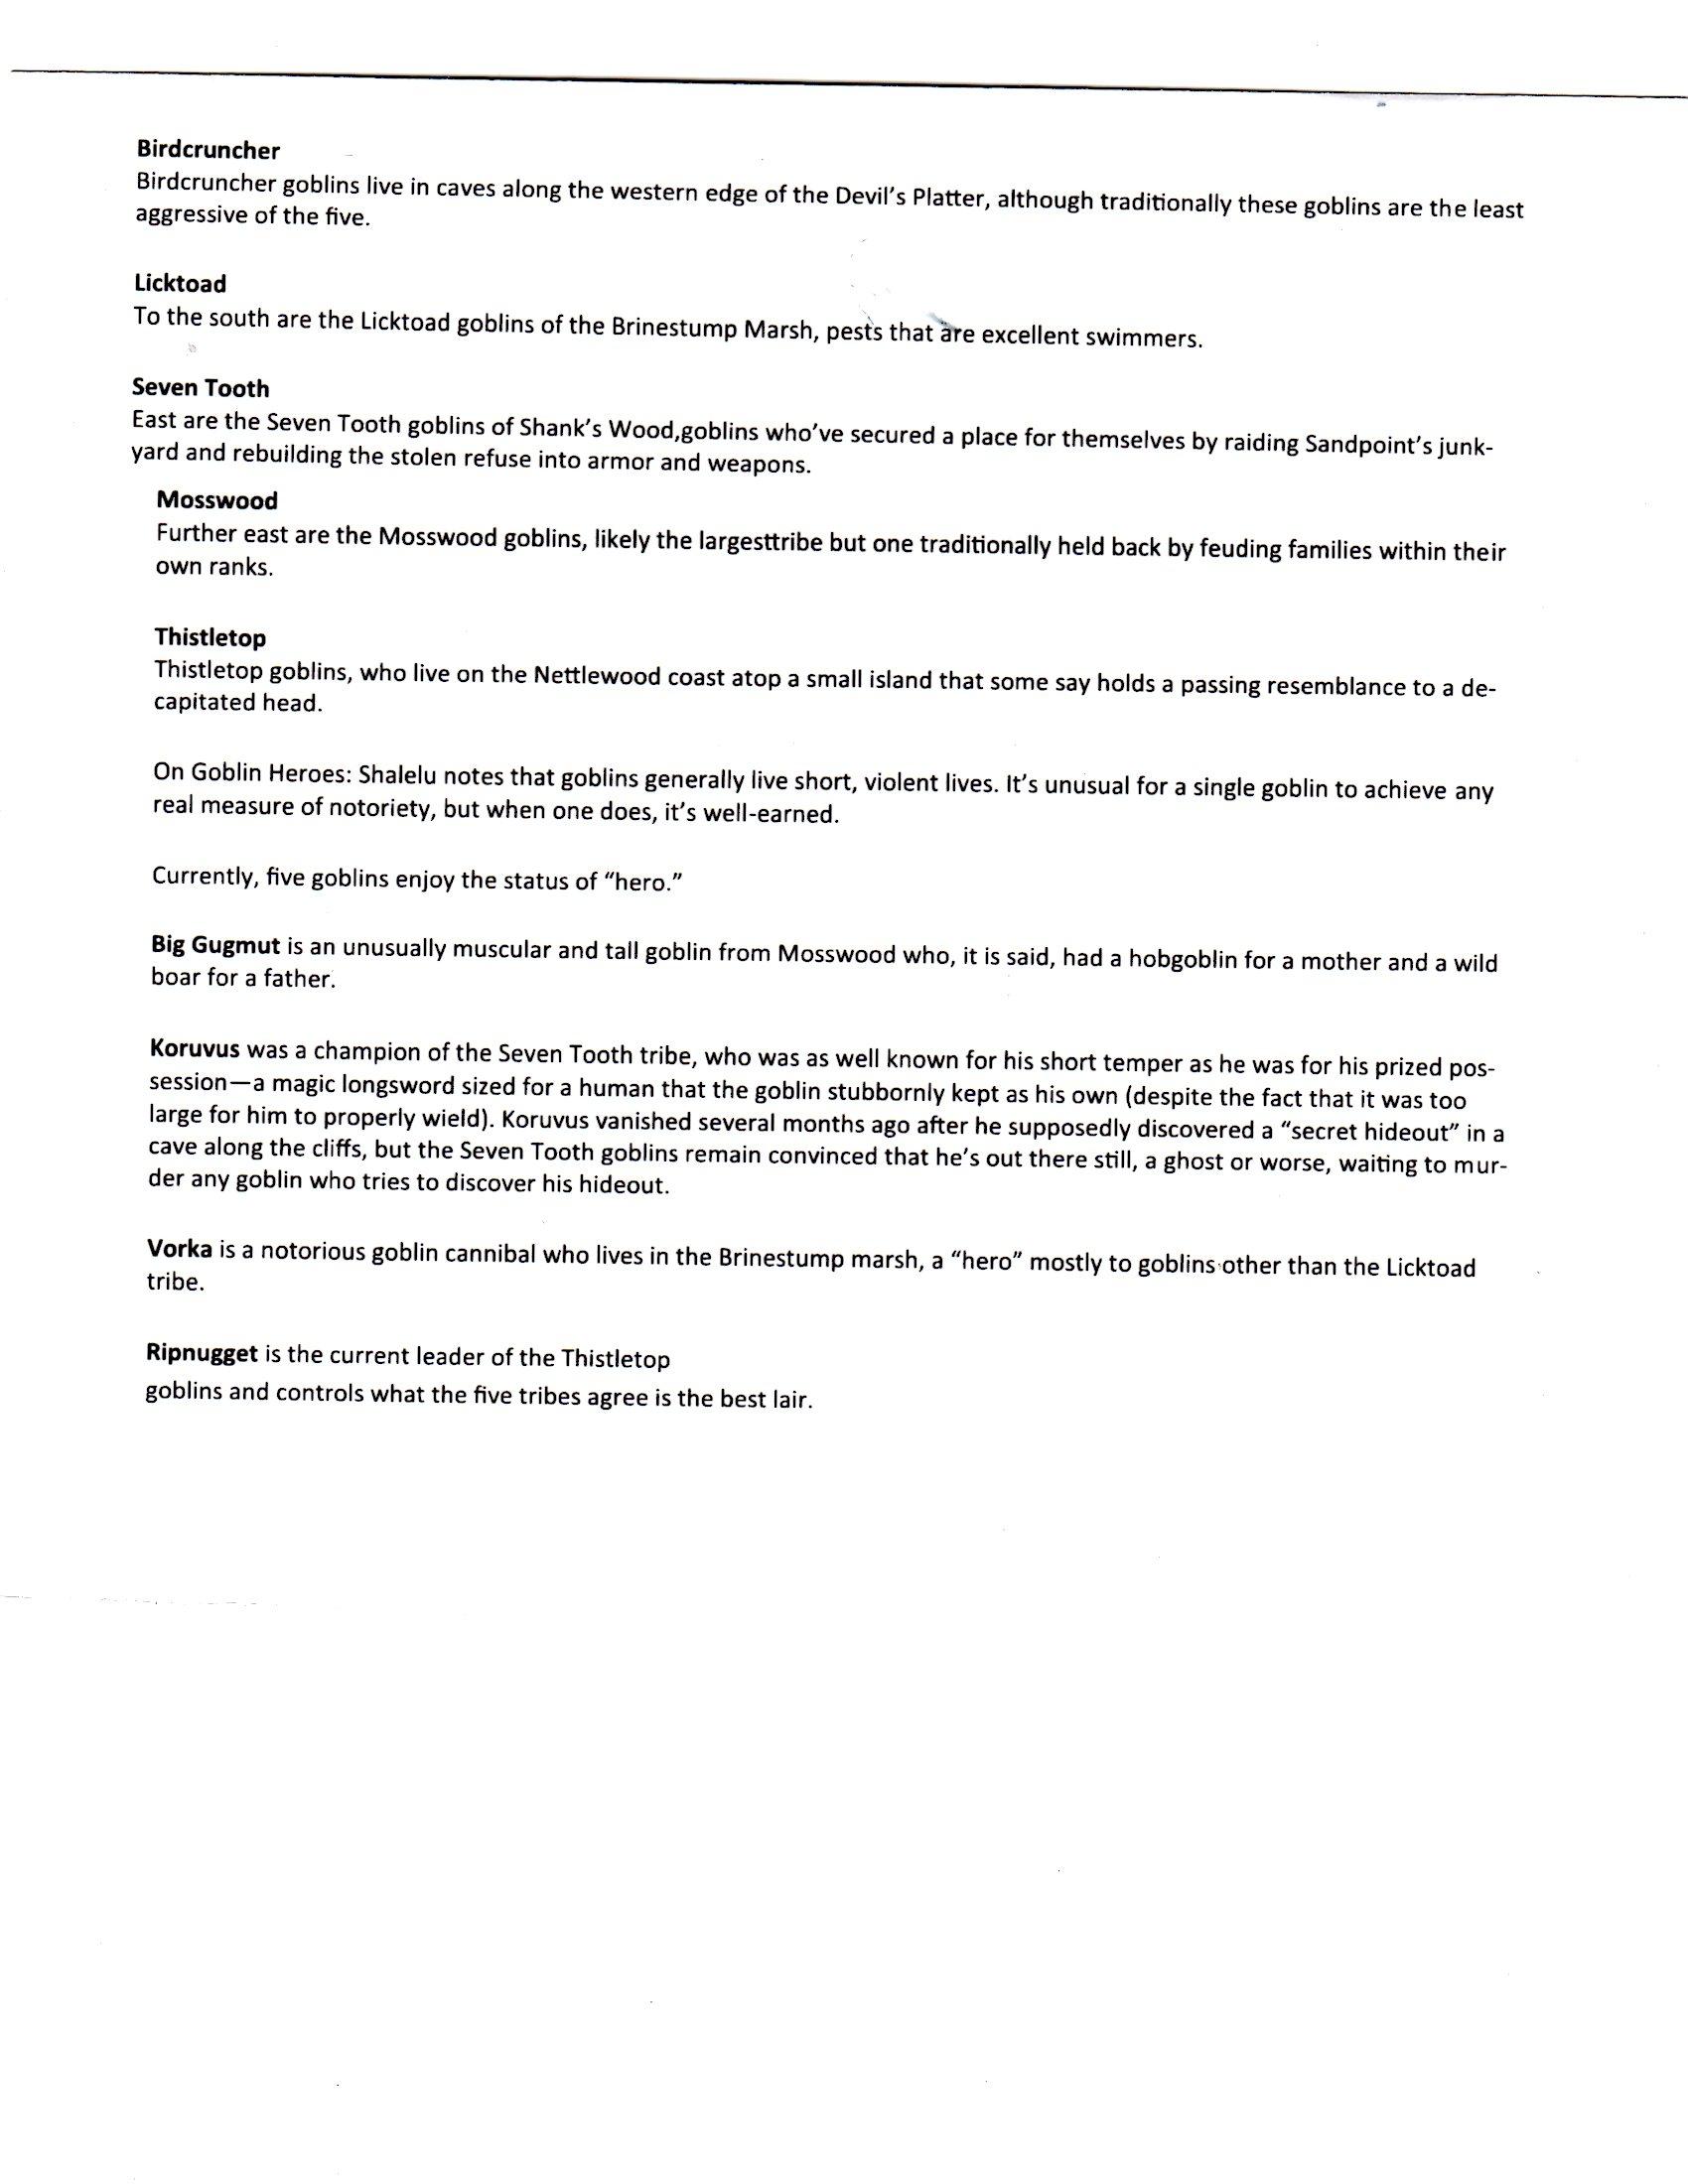 Goblin information001